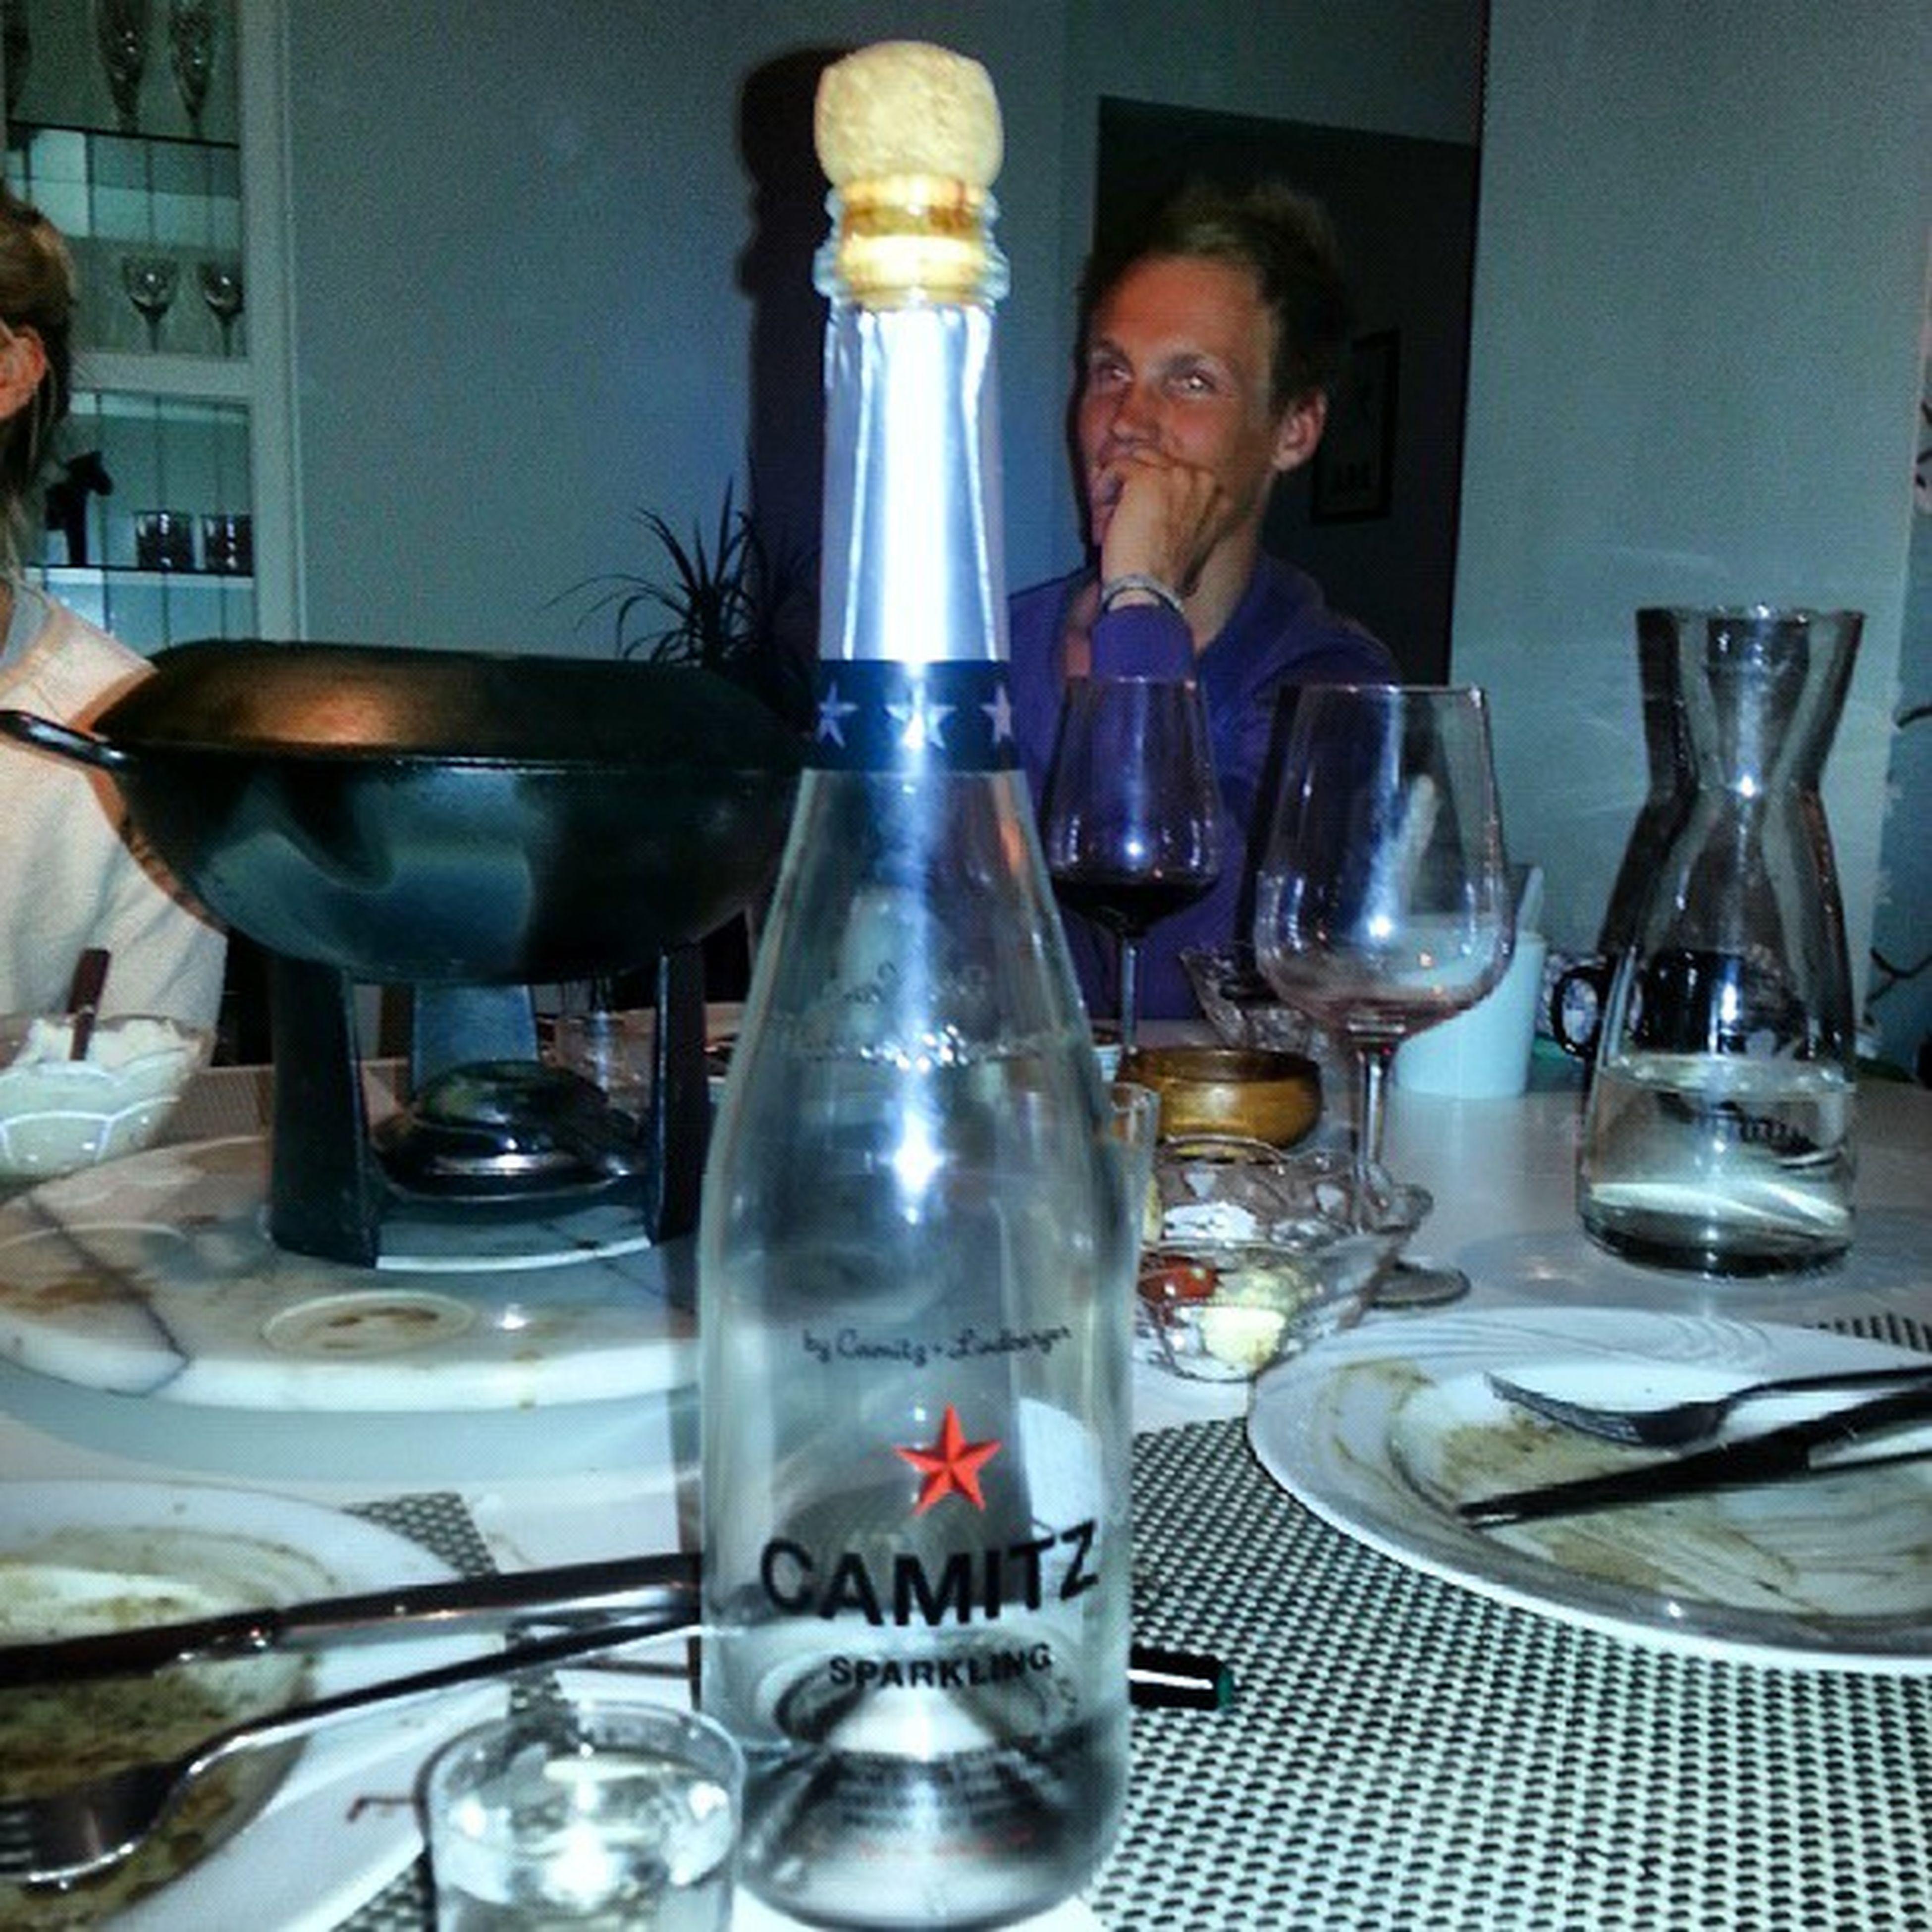 Classic vodka skumpa levererar mys! Myyyyz